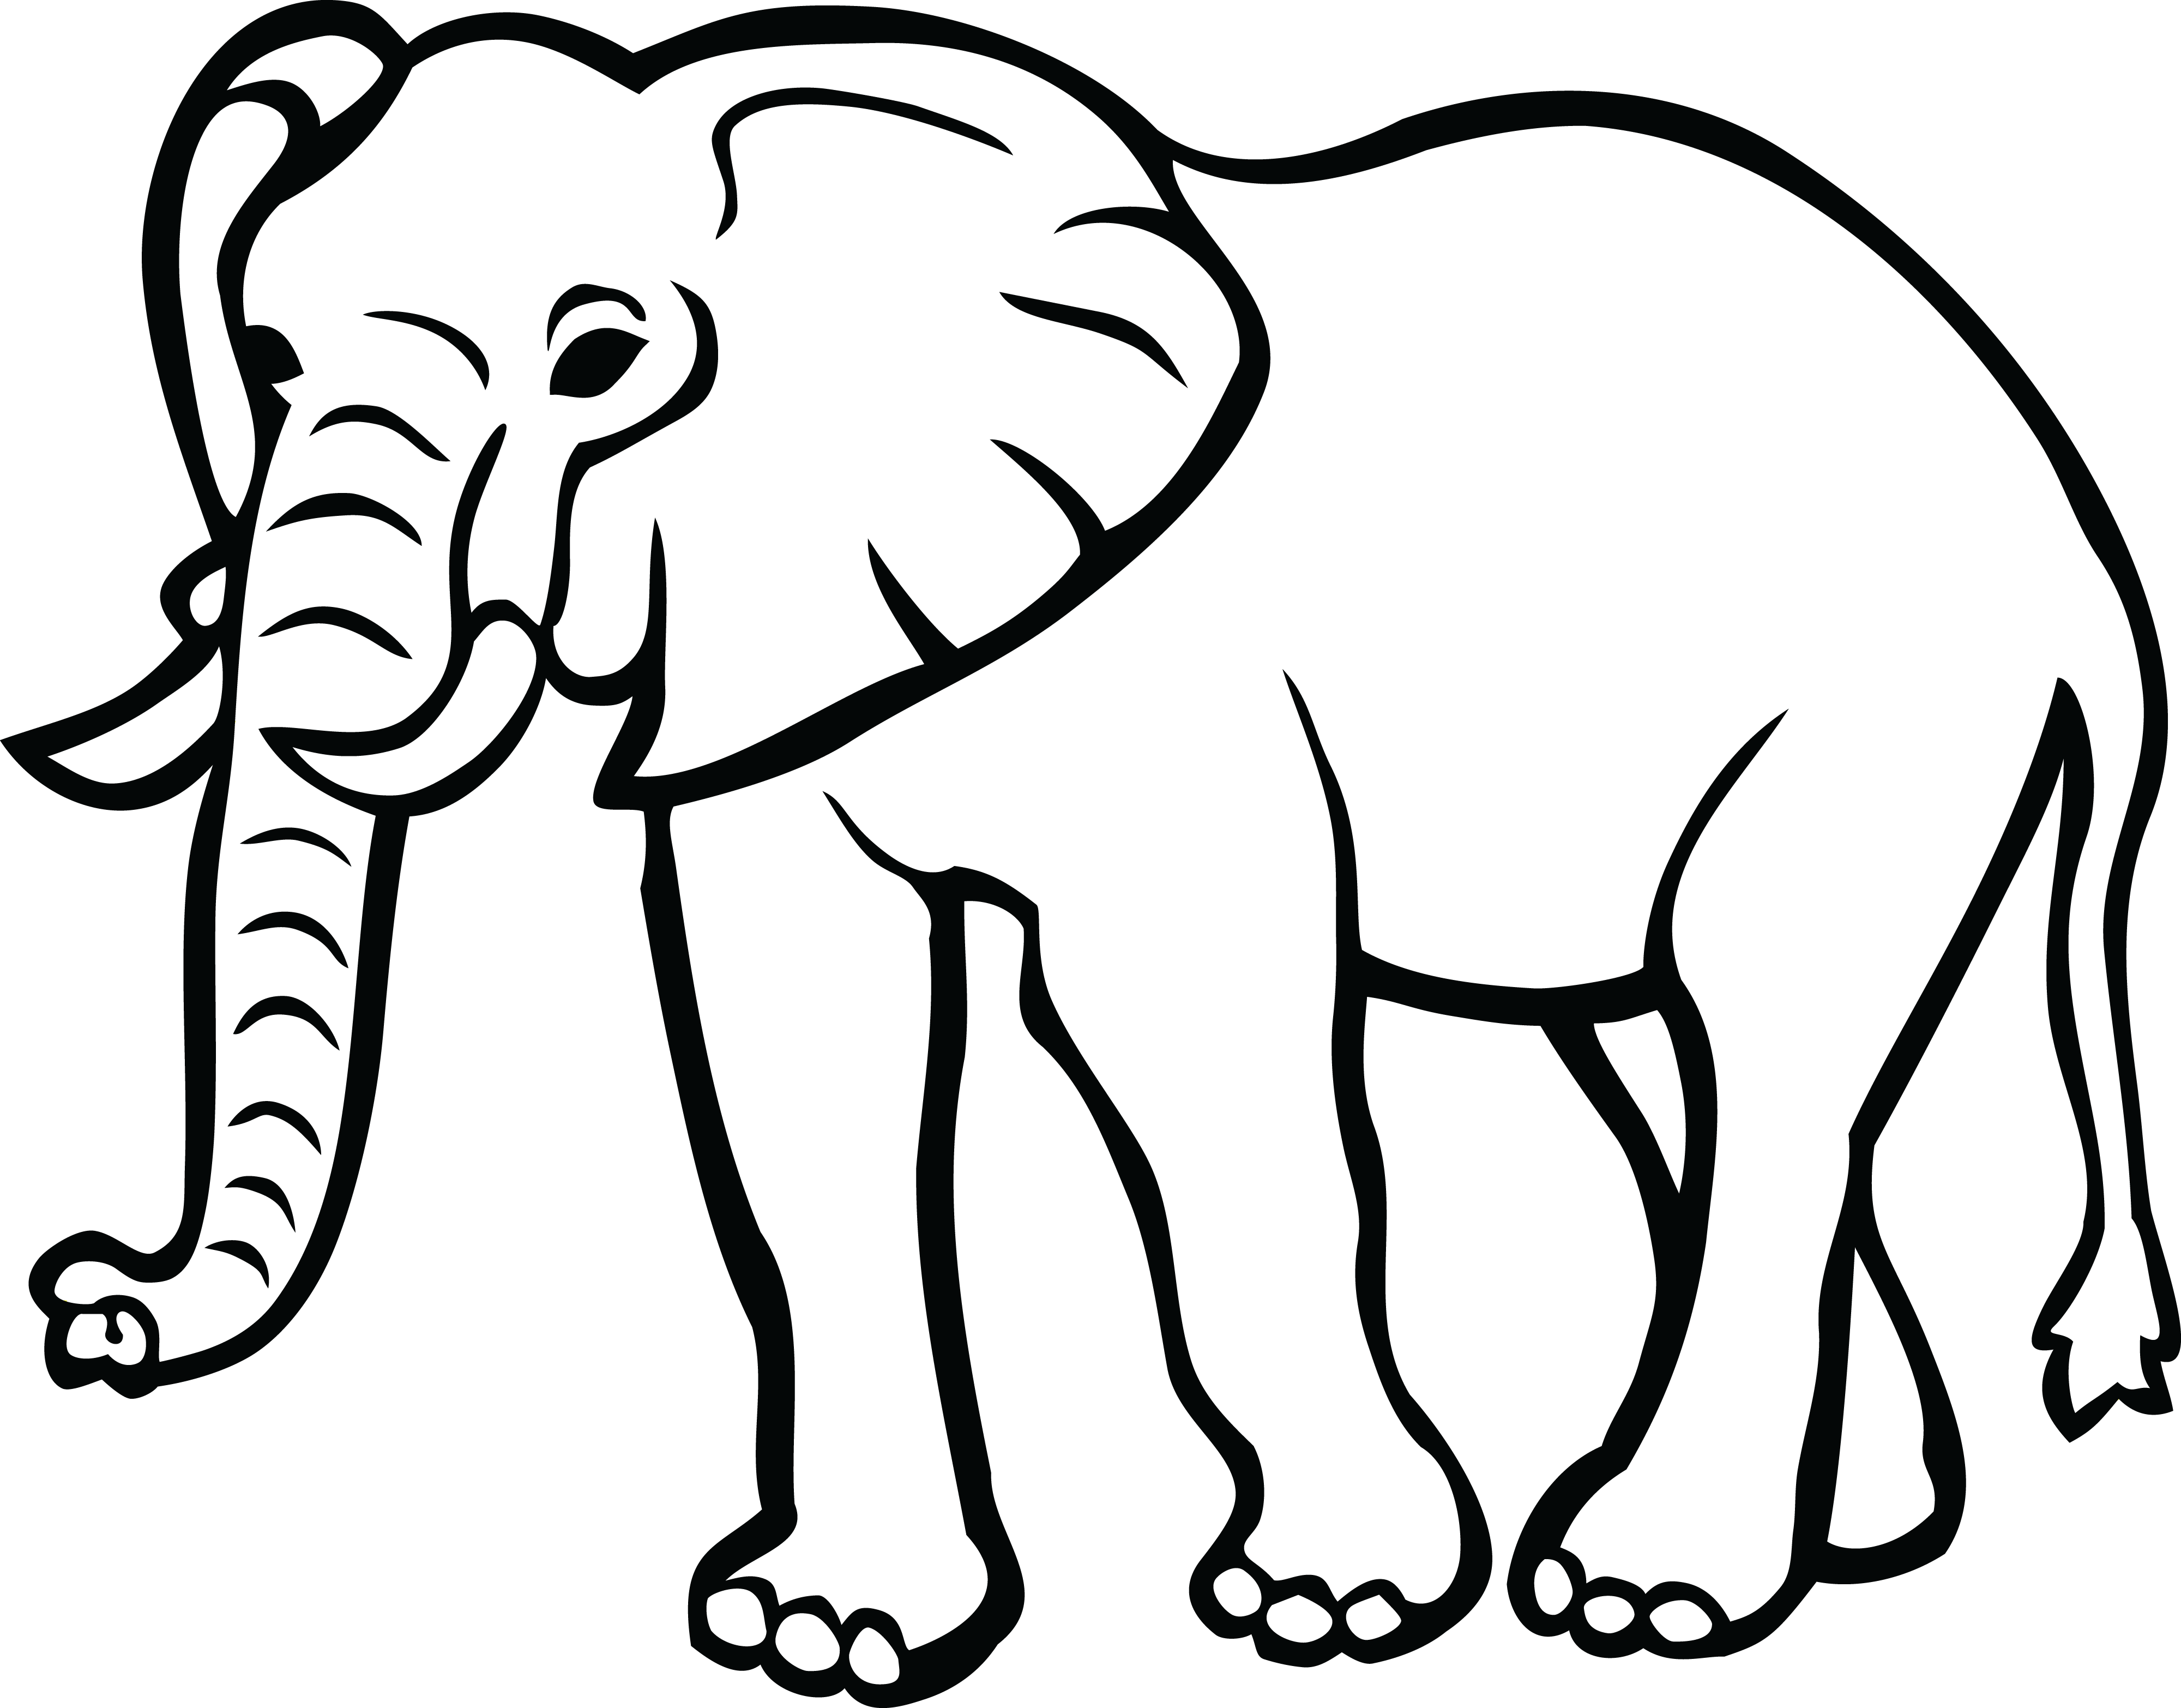 Elephant Elephants Clipart Black And White For Free On Mbtskoudsalg.